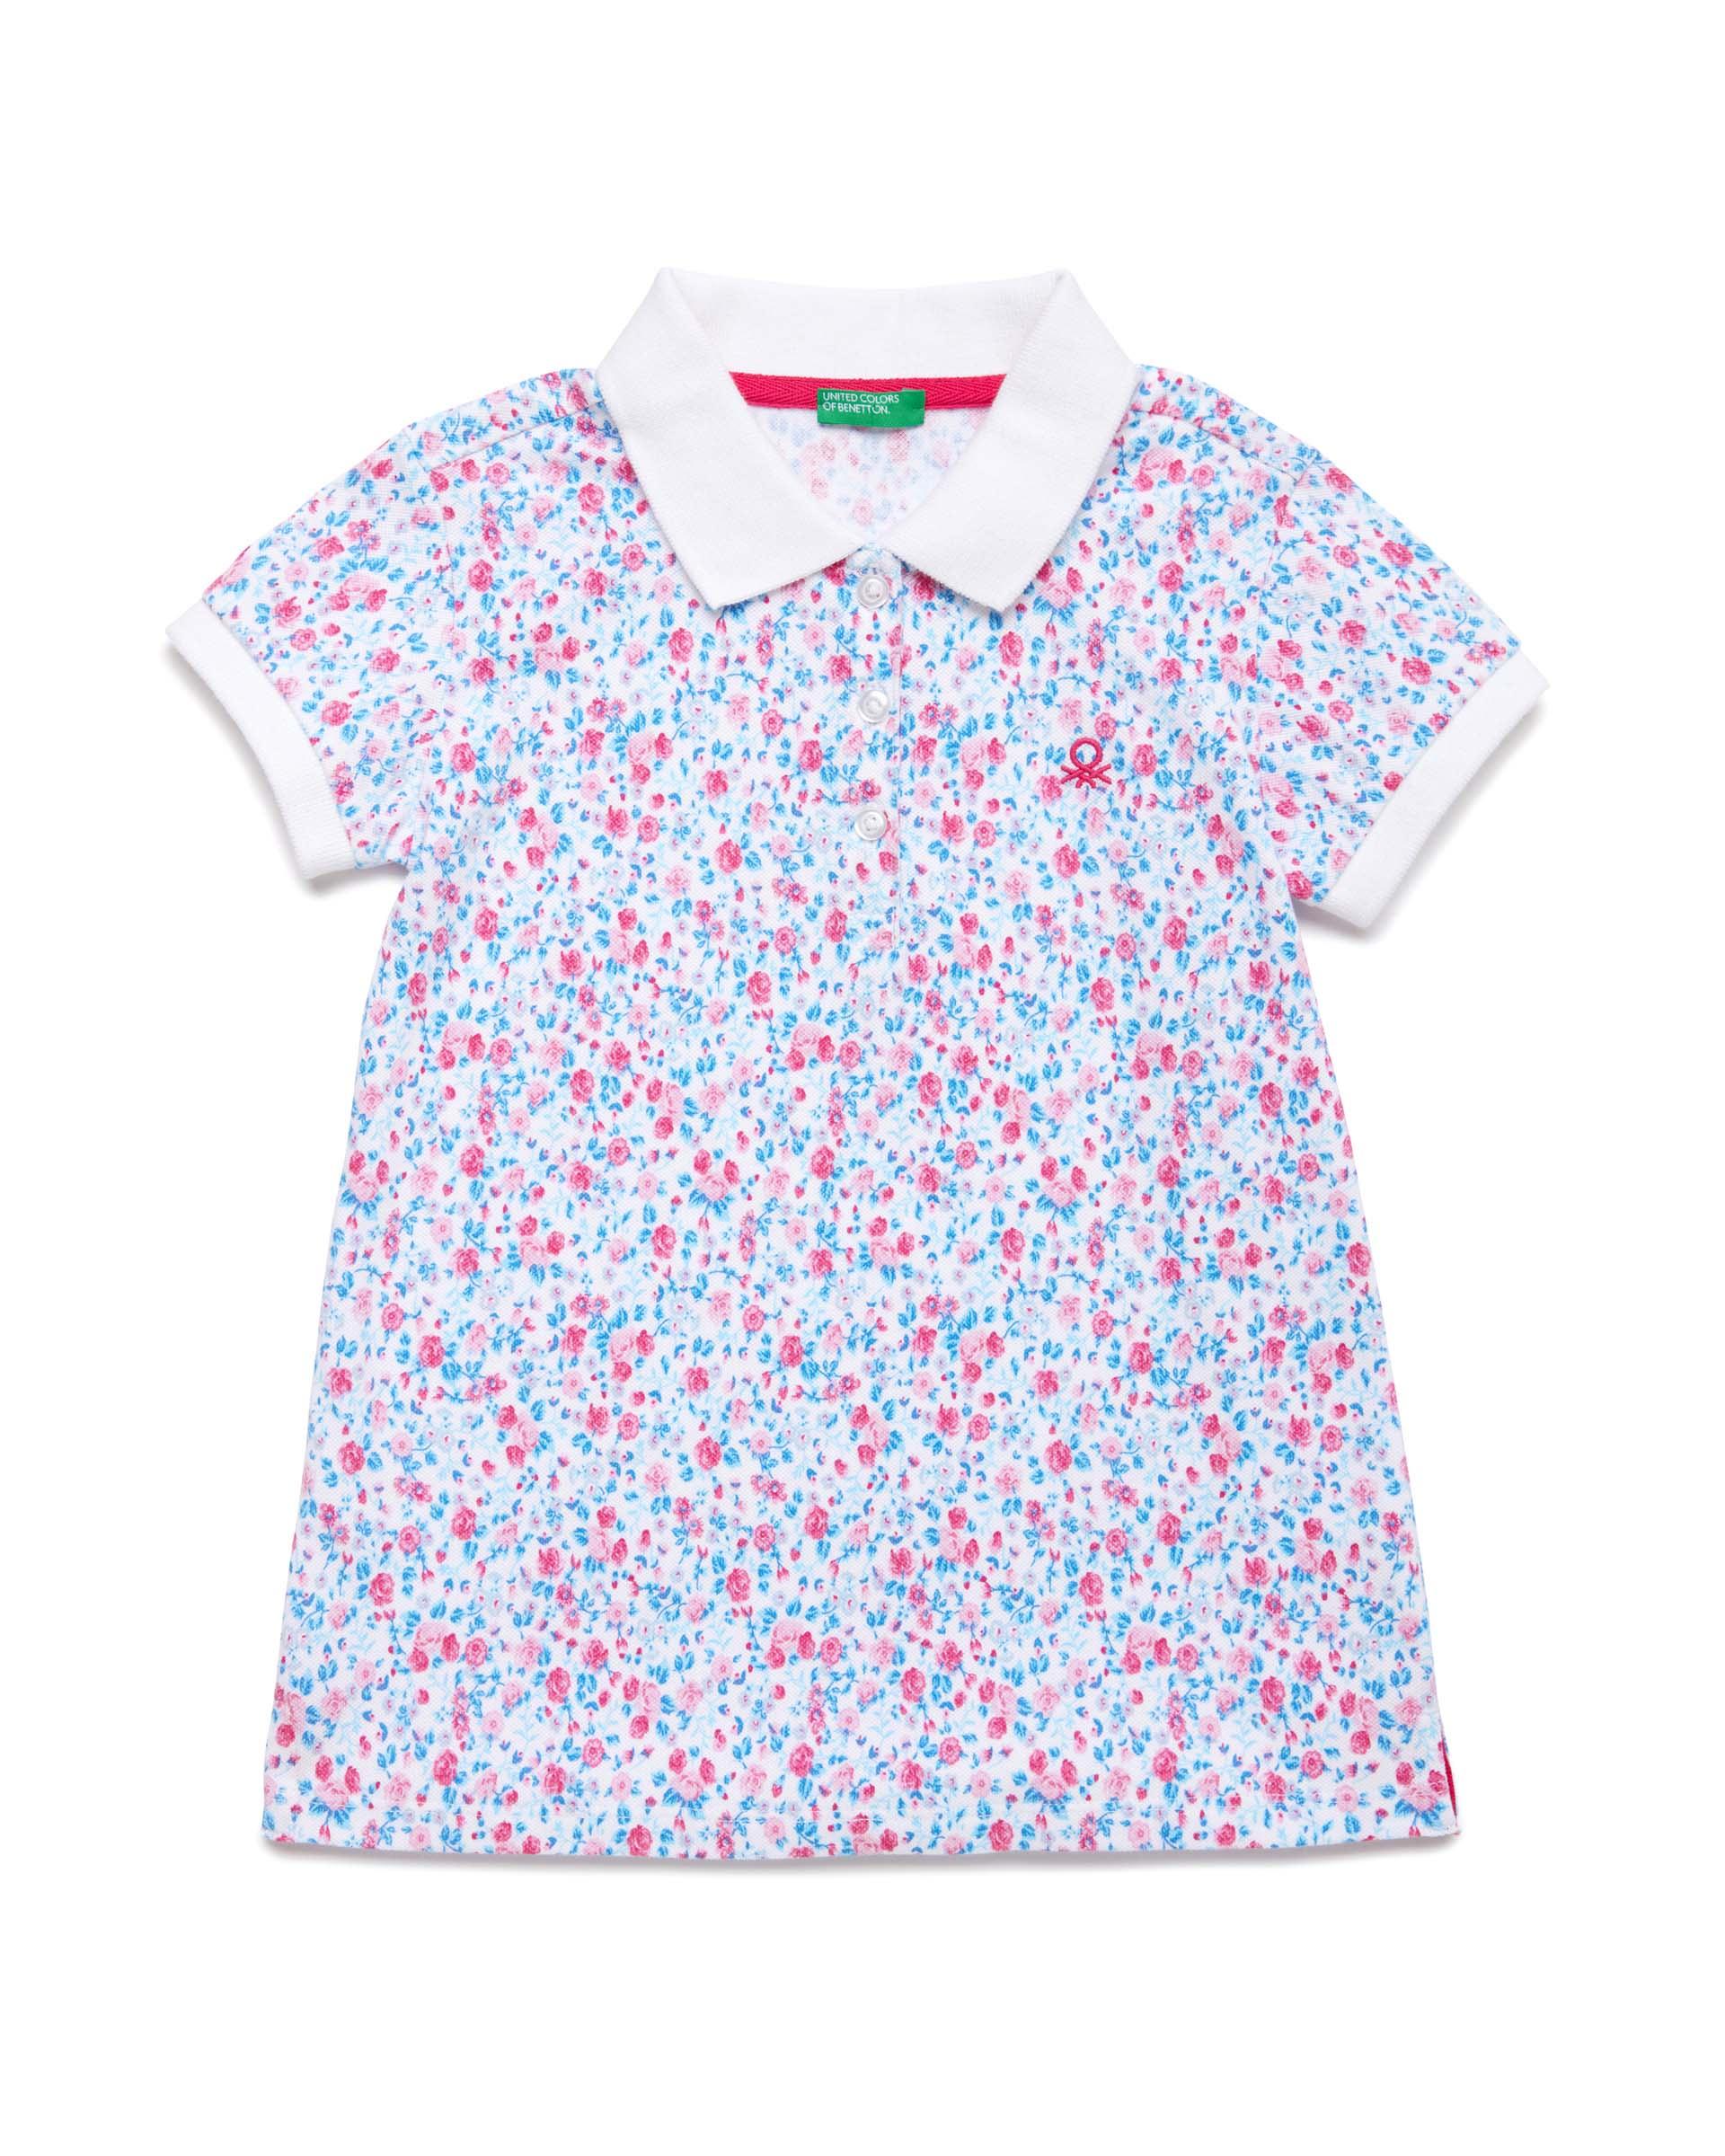 Купить 20P_3PK6C3126_69M, Поло-пике для девочек Benetton 3PK6C3126_69M р-р 92, United Colors of Benetton, Кофточки, футболки для новорожденных